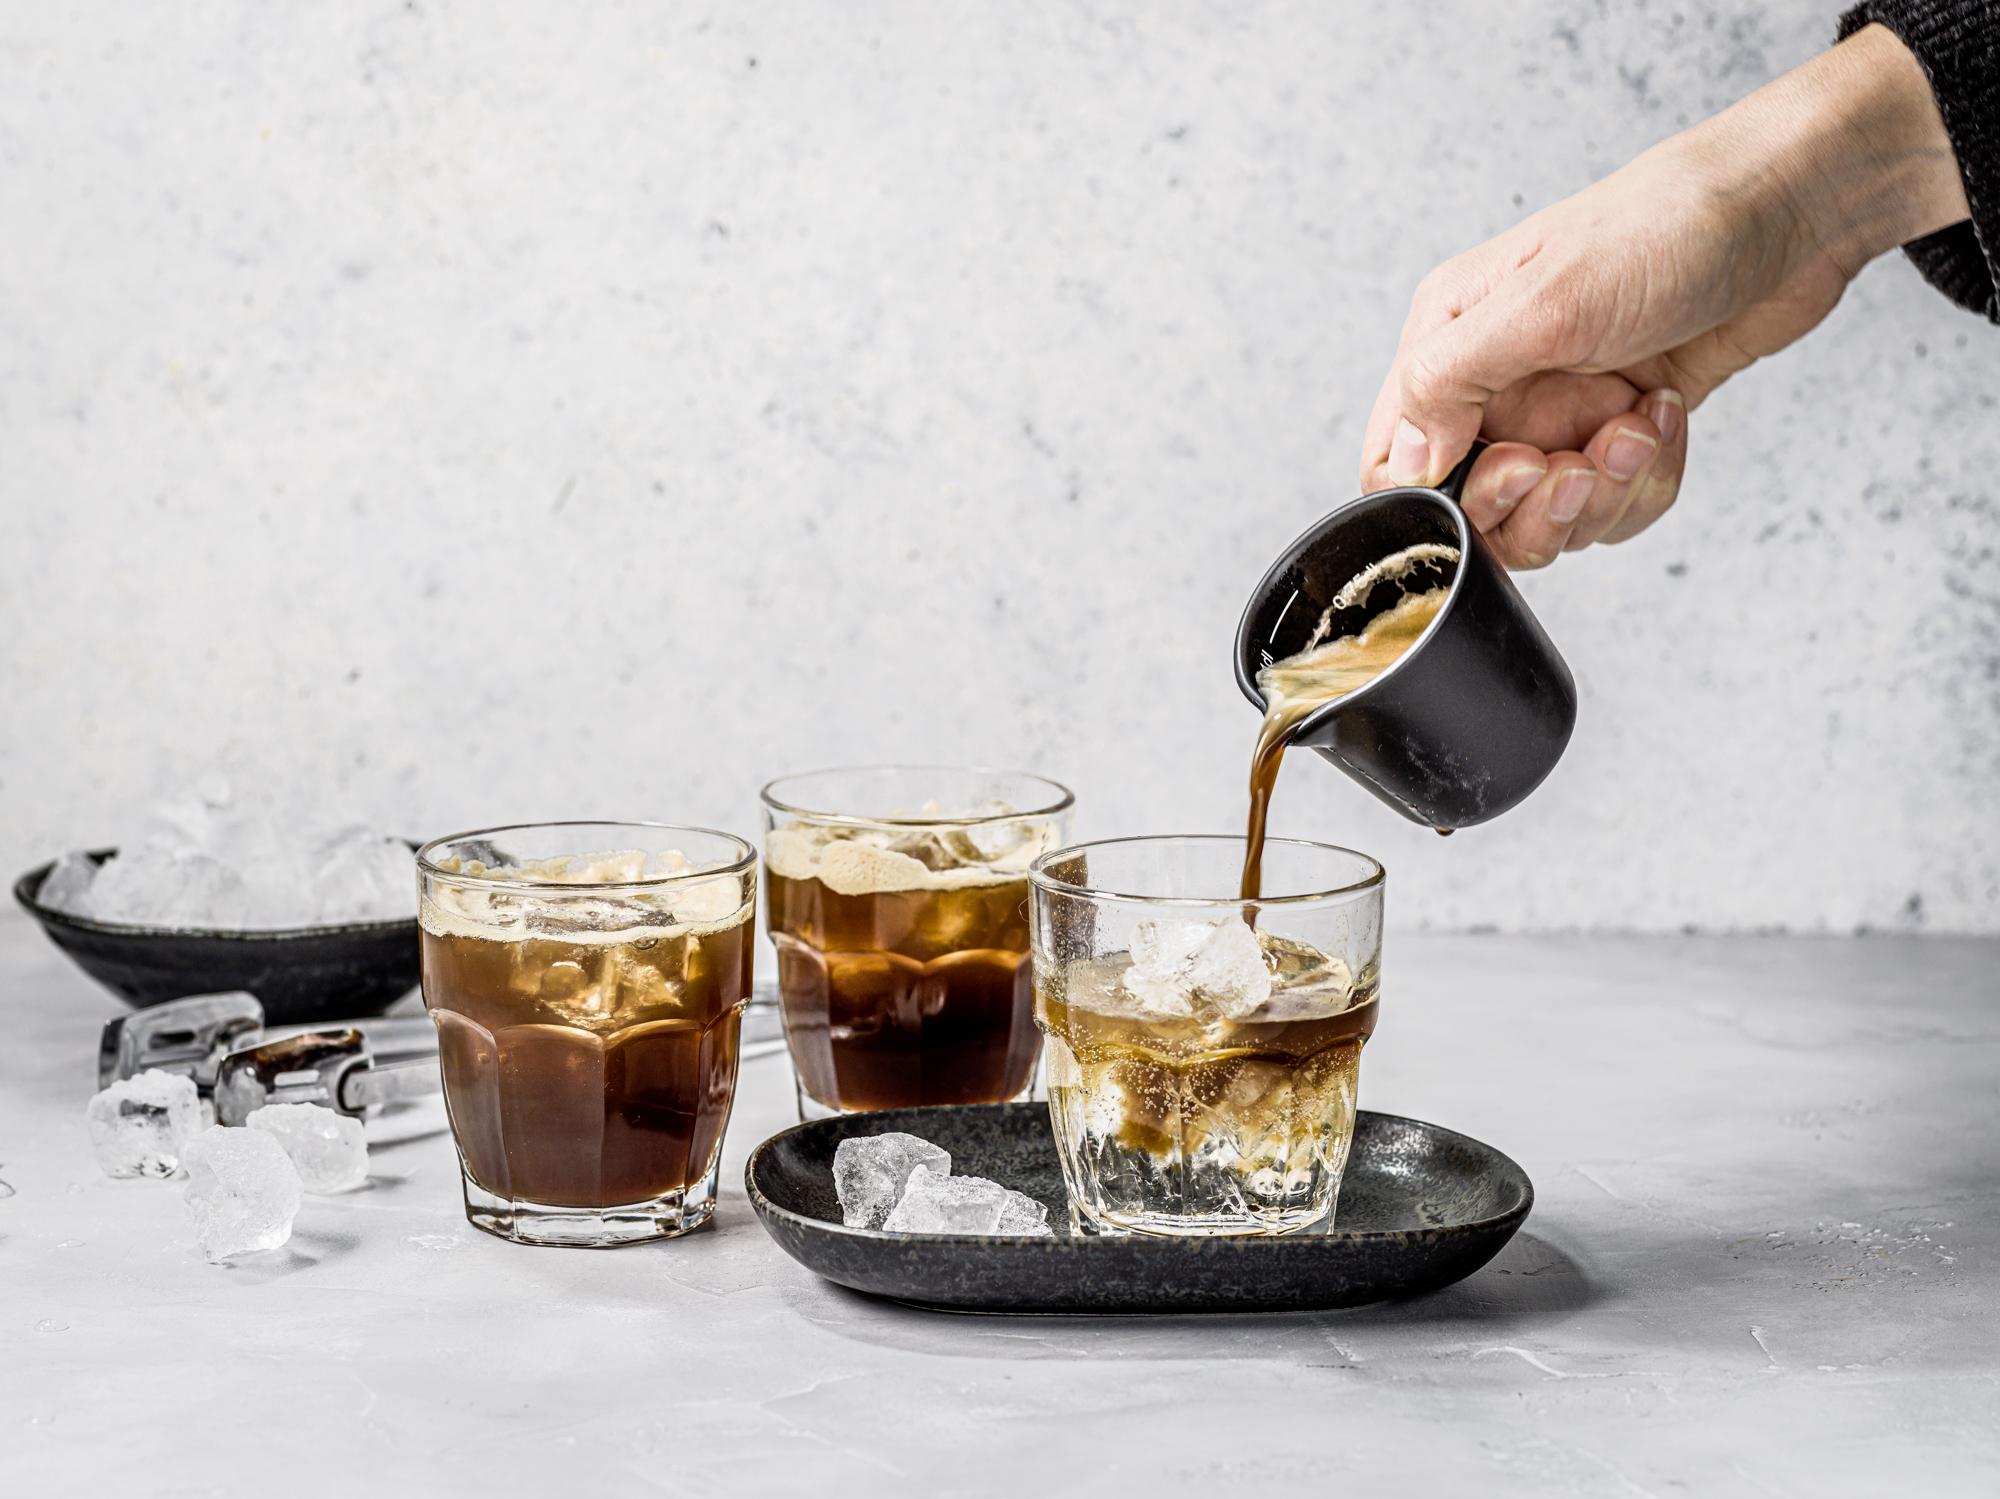 Kaffee-Fotografie   Stefan Schmidlin Fotograf Basel, Bild 8.jpg